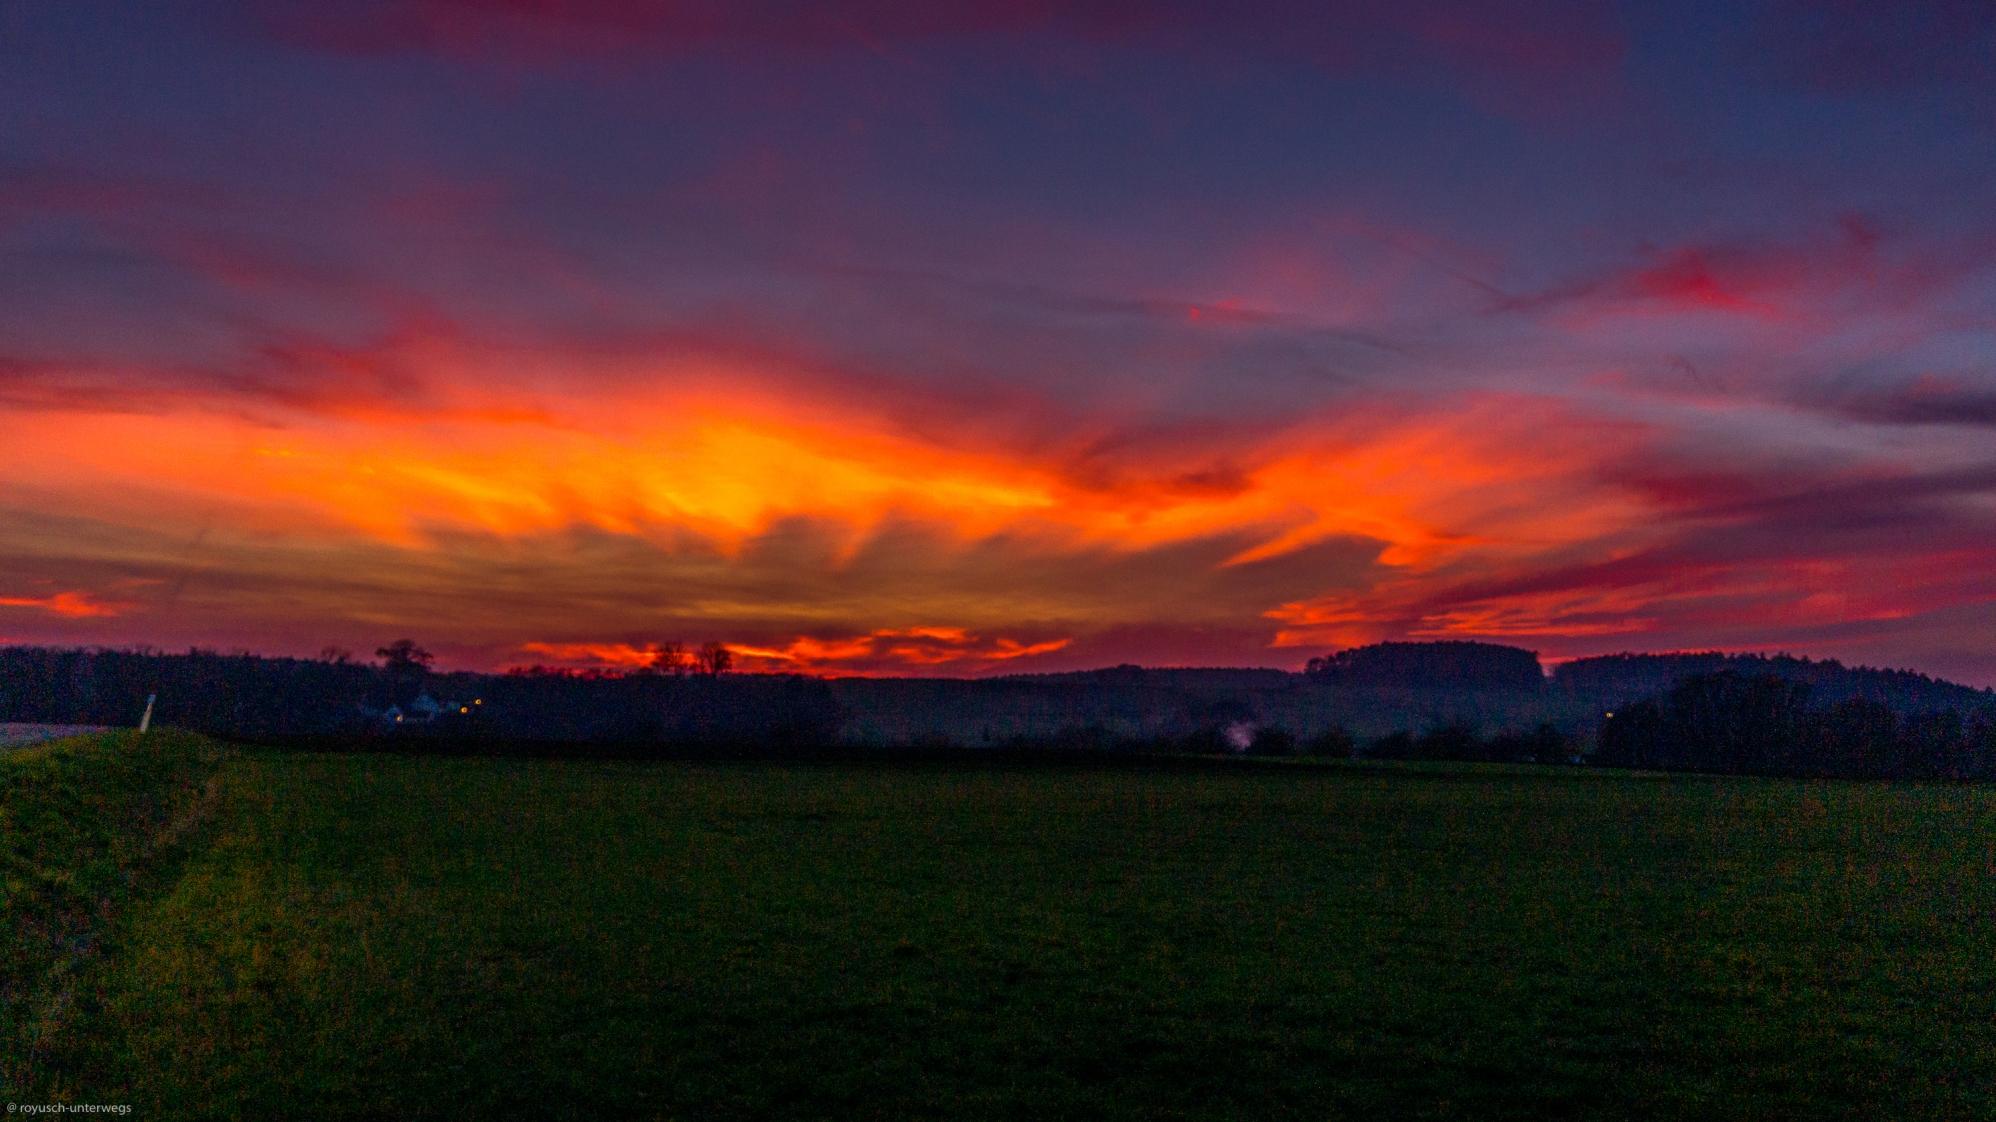 ein Sonnenuntergang bei mir zu Hause, den ich in solcher Form noch nie in meinem Leben erlebt habe